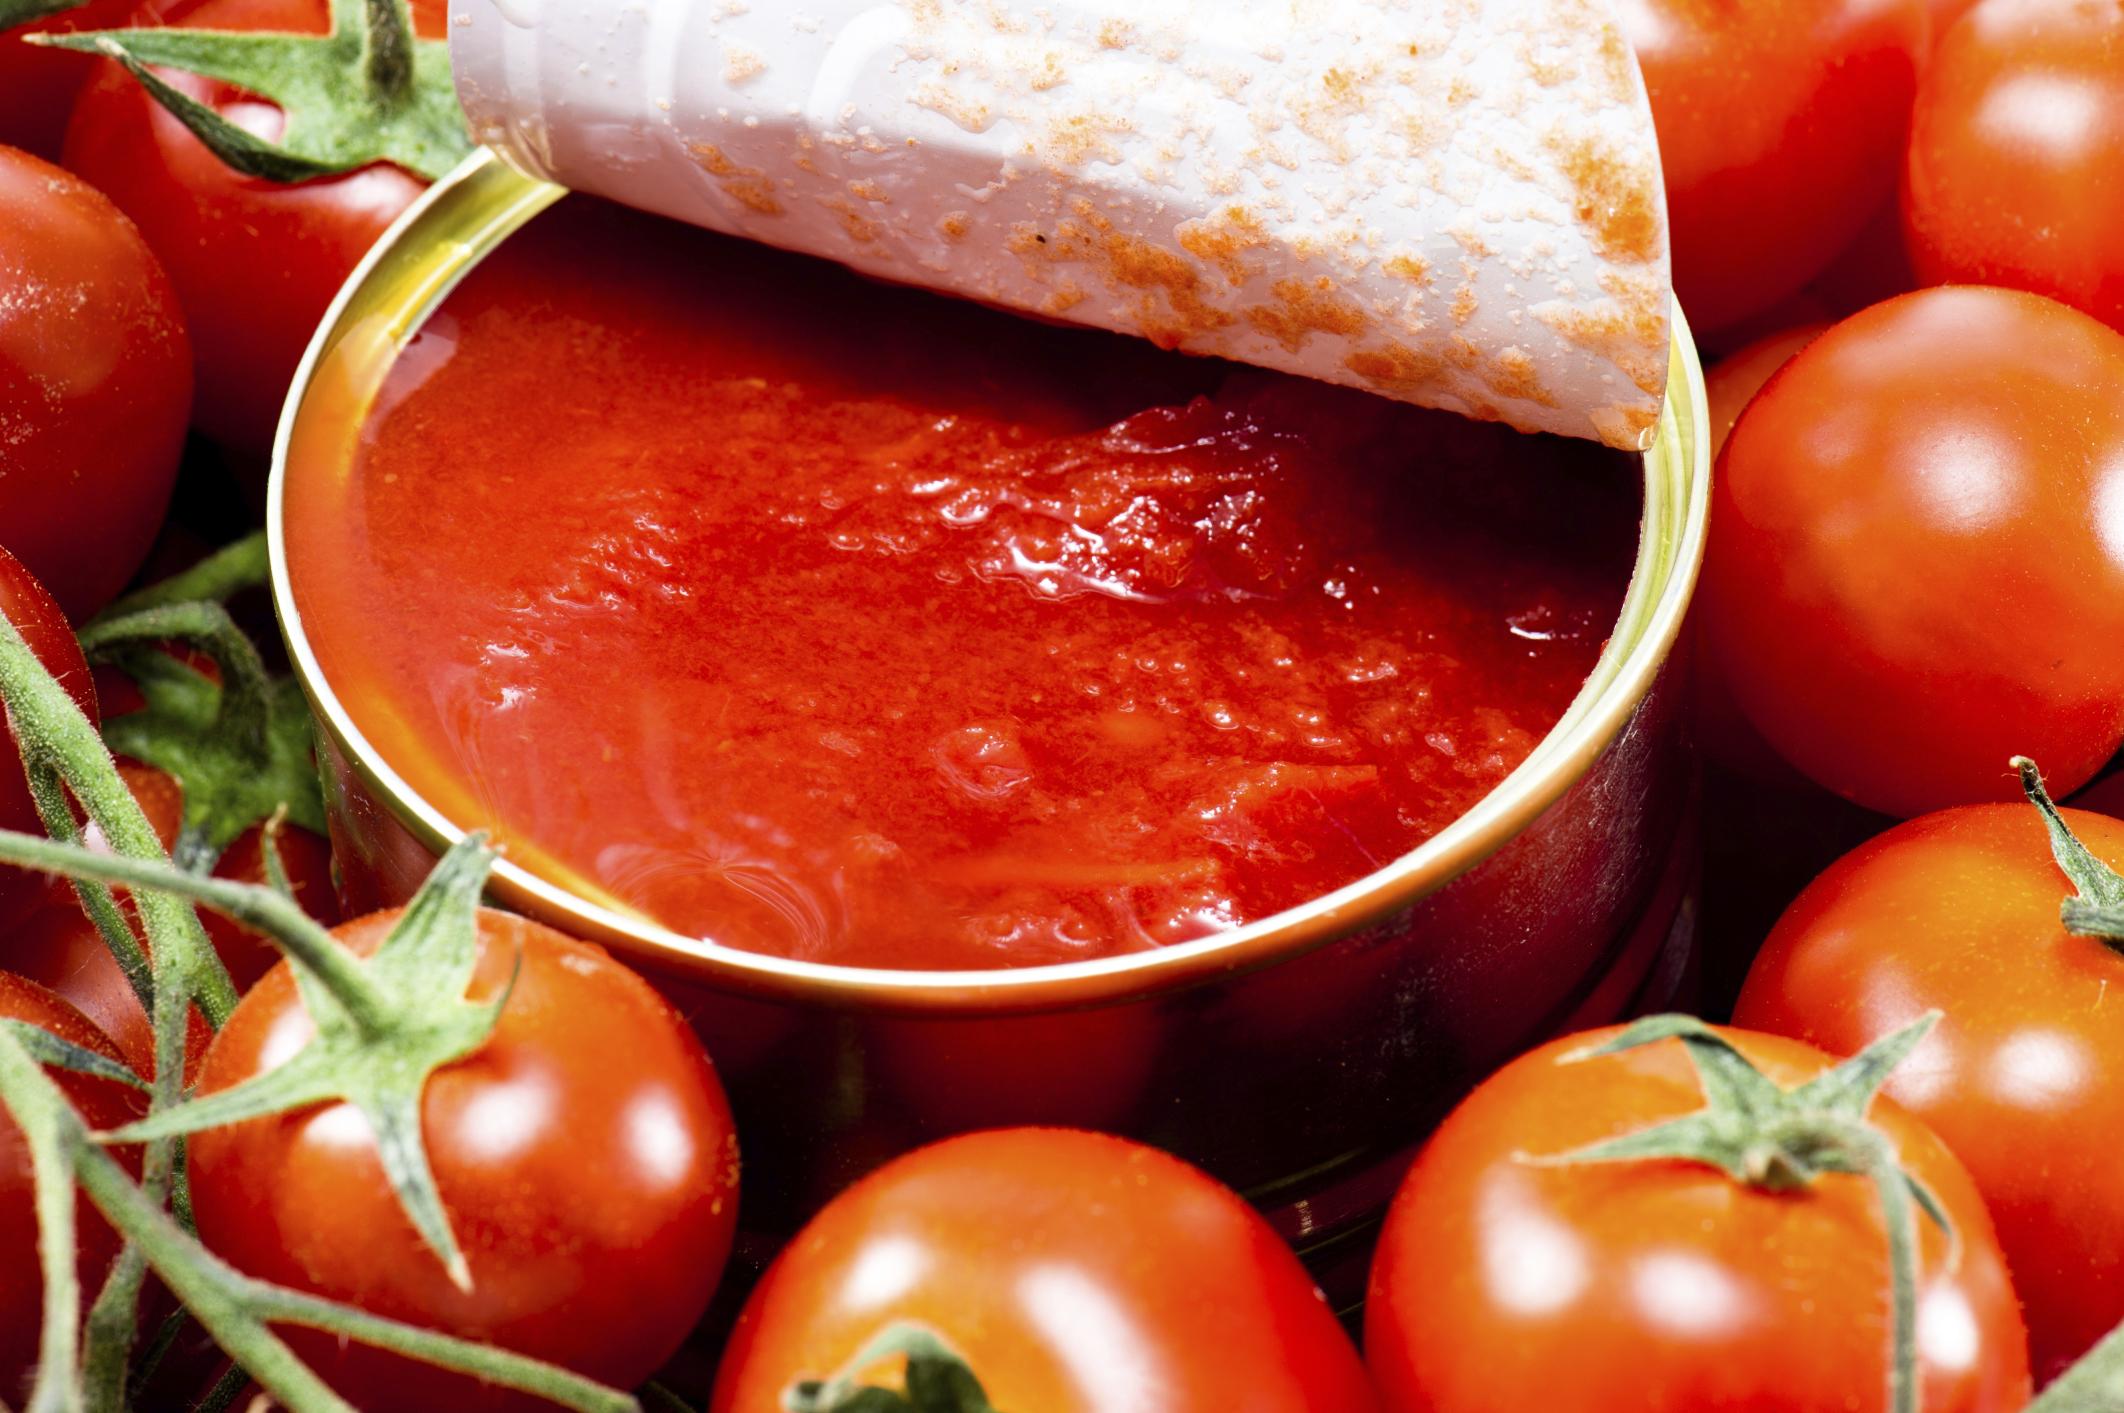 Eine Dose Tomaten